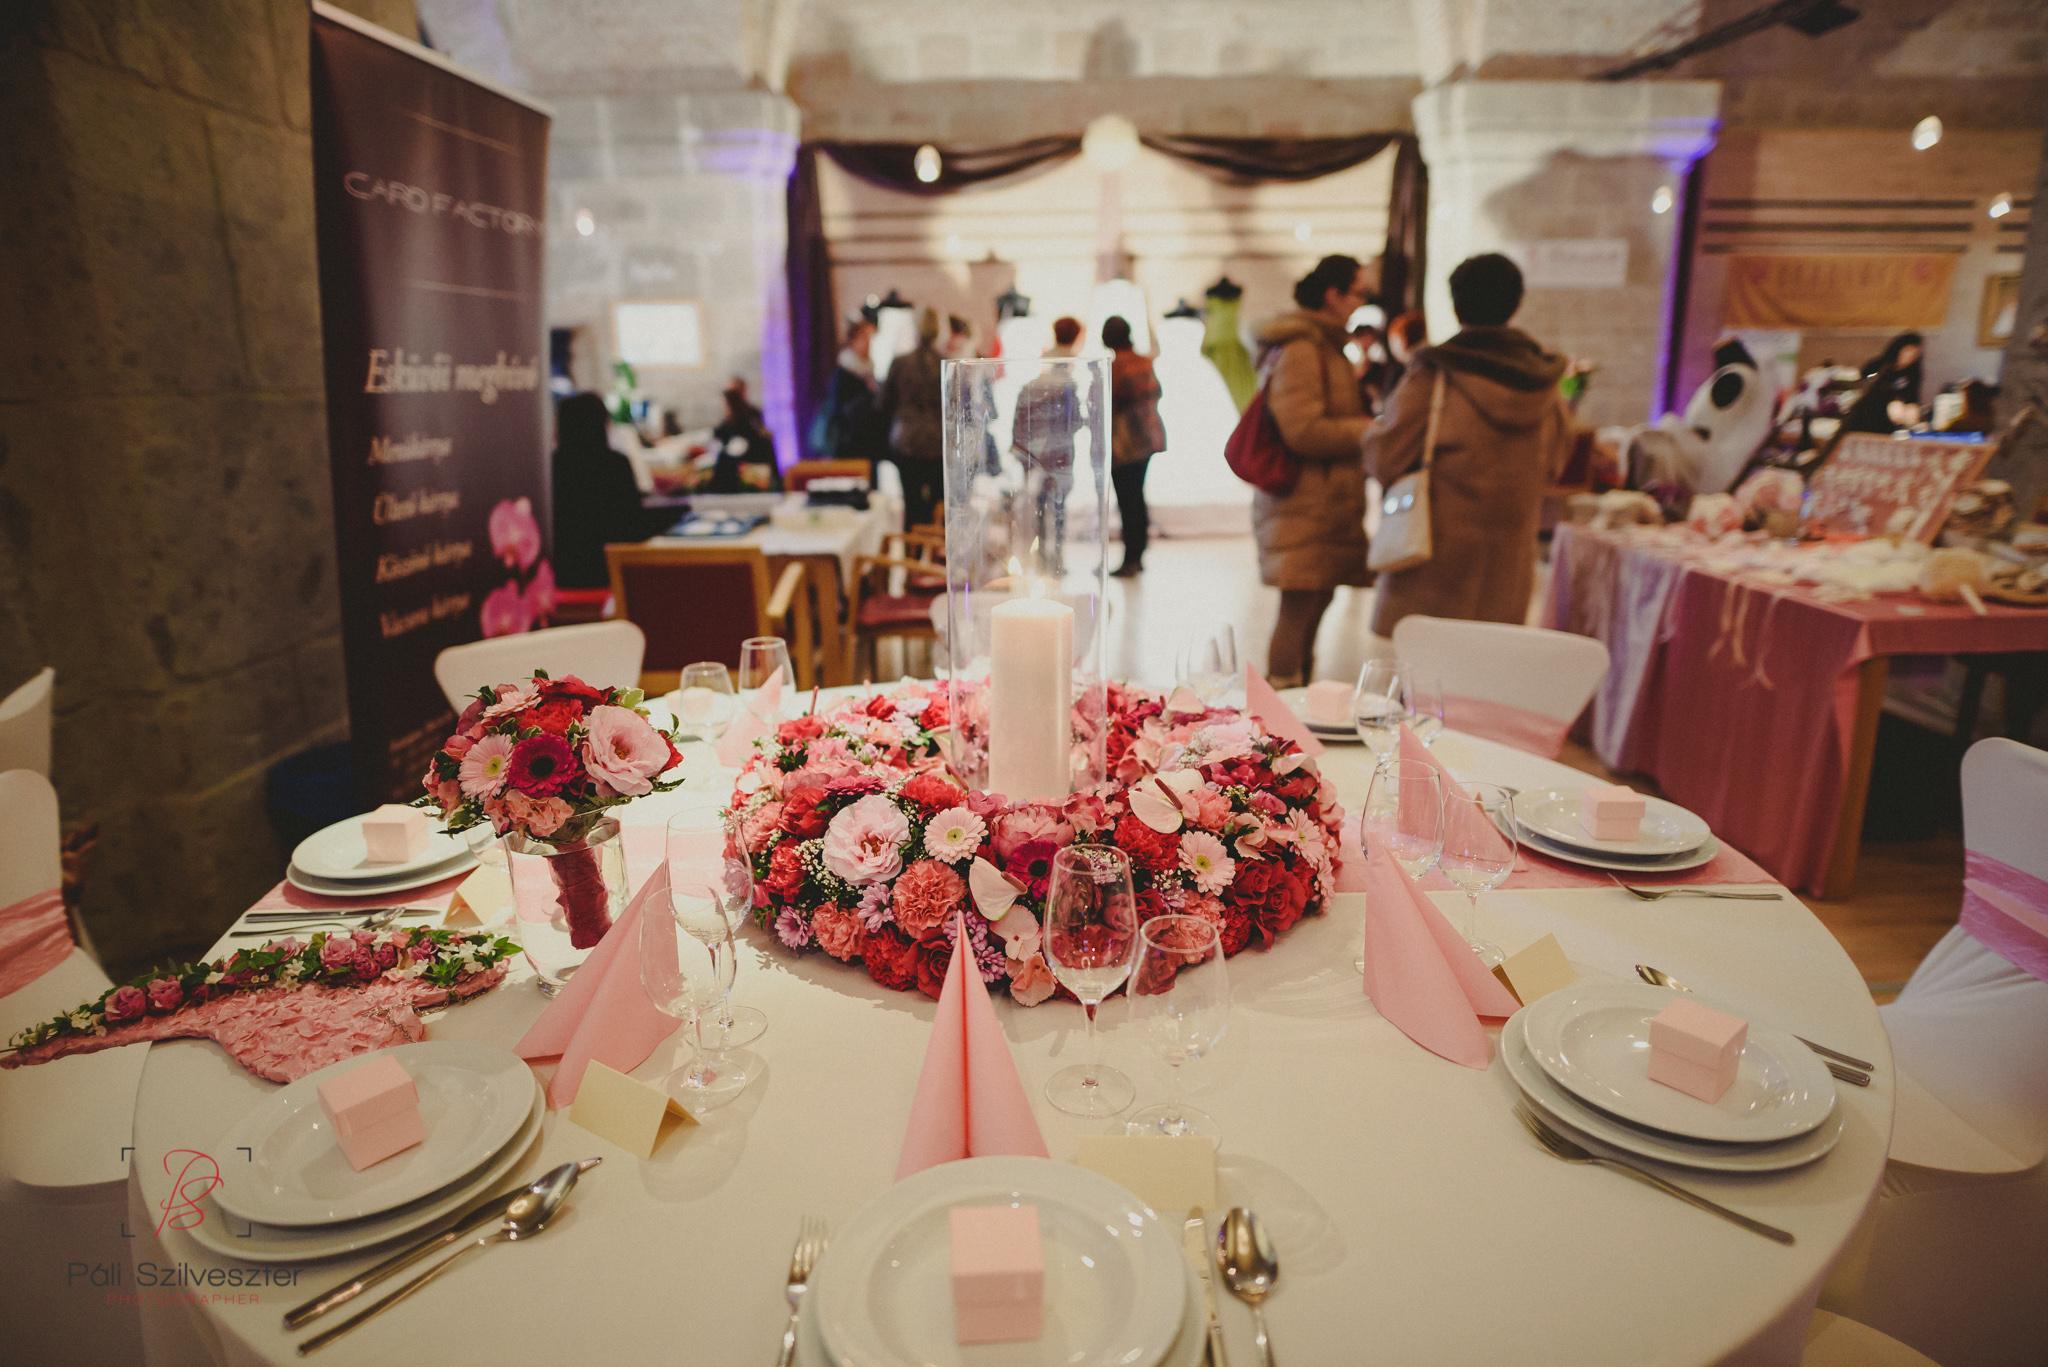 Páli-Szilveszter-székesfehérvári-esküvői-fotós-esztergom-prímás-pince-esüvőkiállítás-2016-01-23-70389.jpg